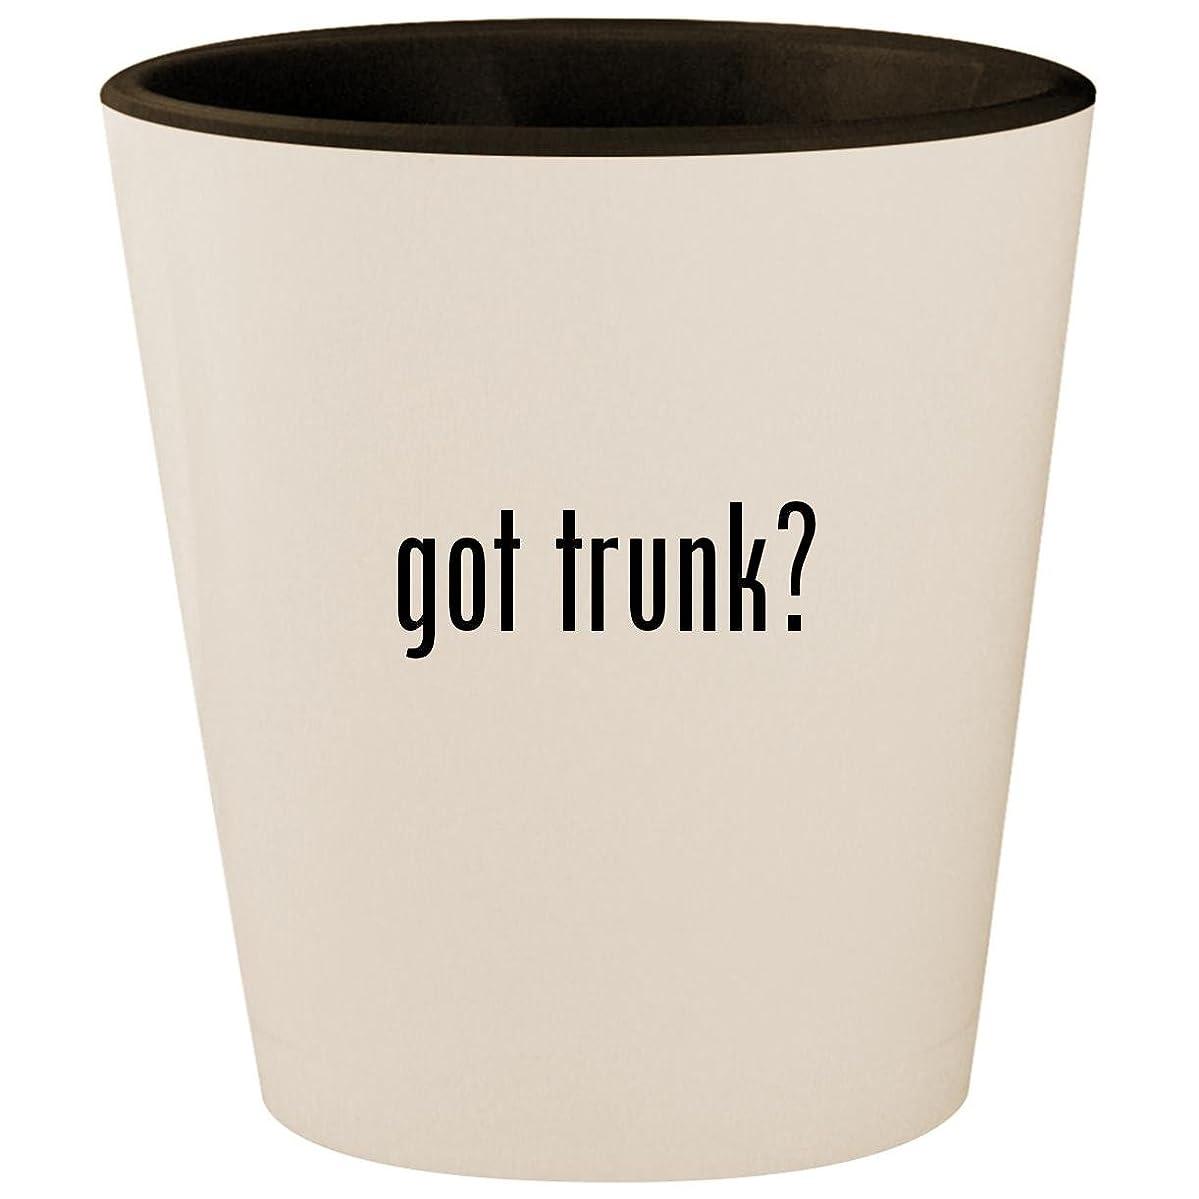 got trunk? - White Outer & Black Inner Ceramic 1.5oz Shot Glass